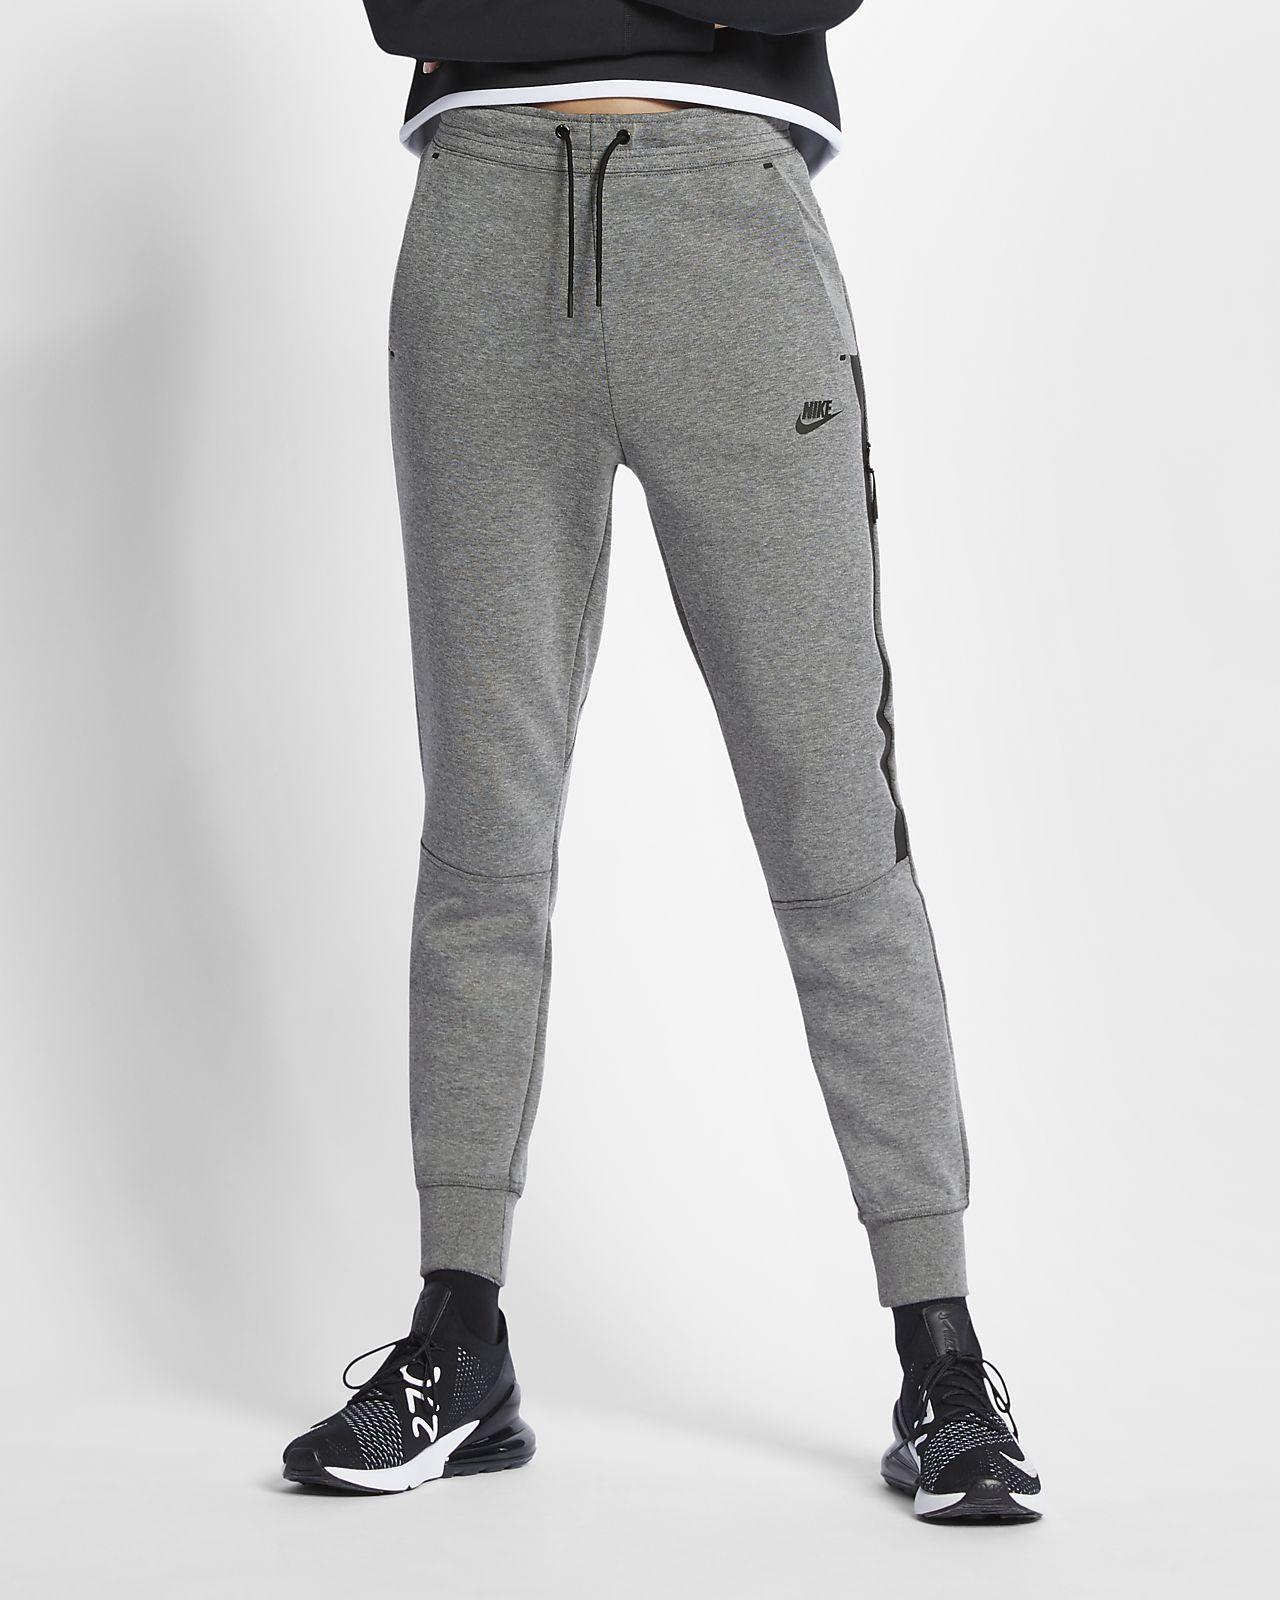 Nike Sportswear Tech Fleece Pant - Blue